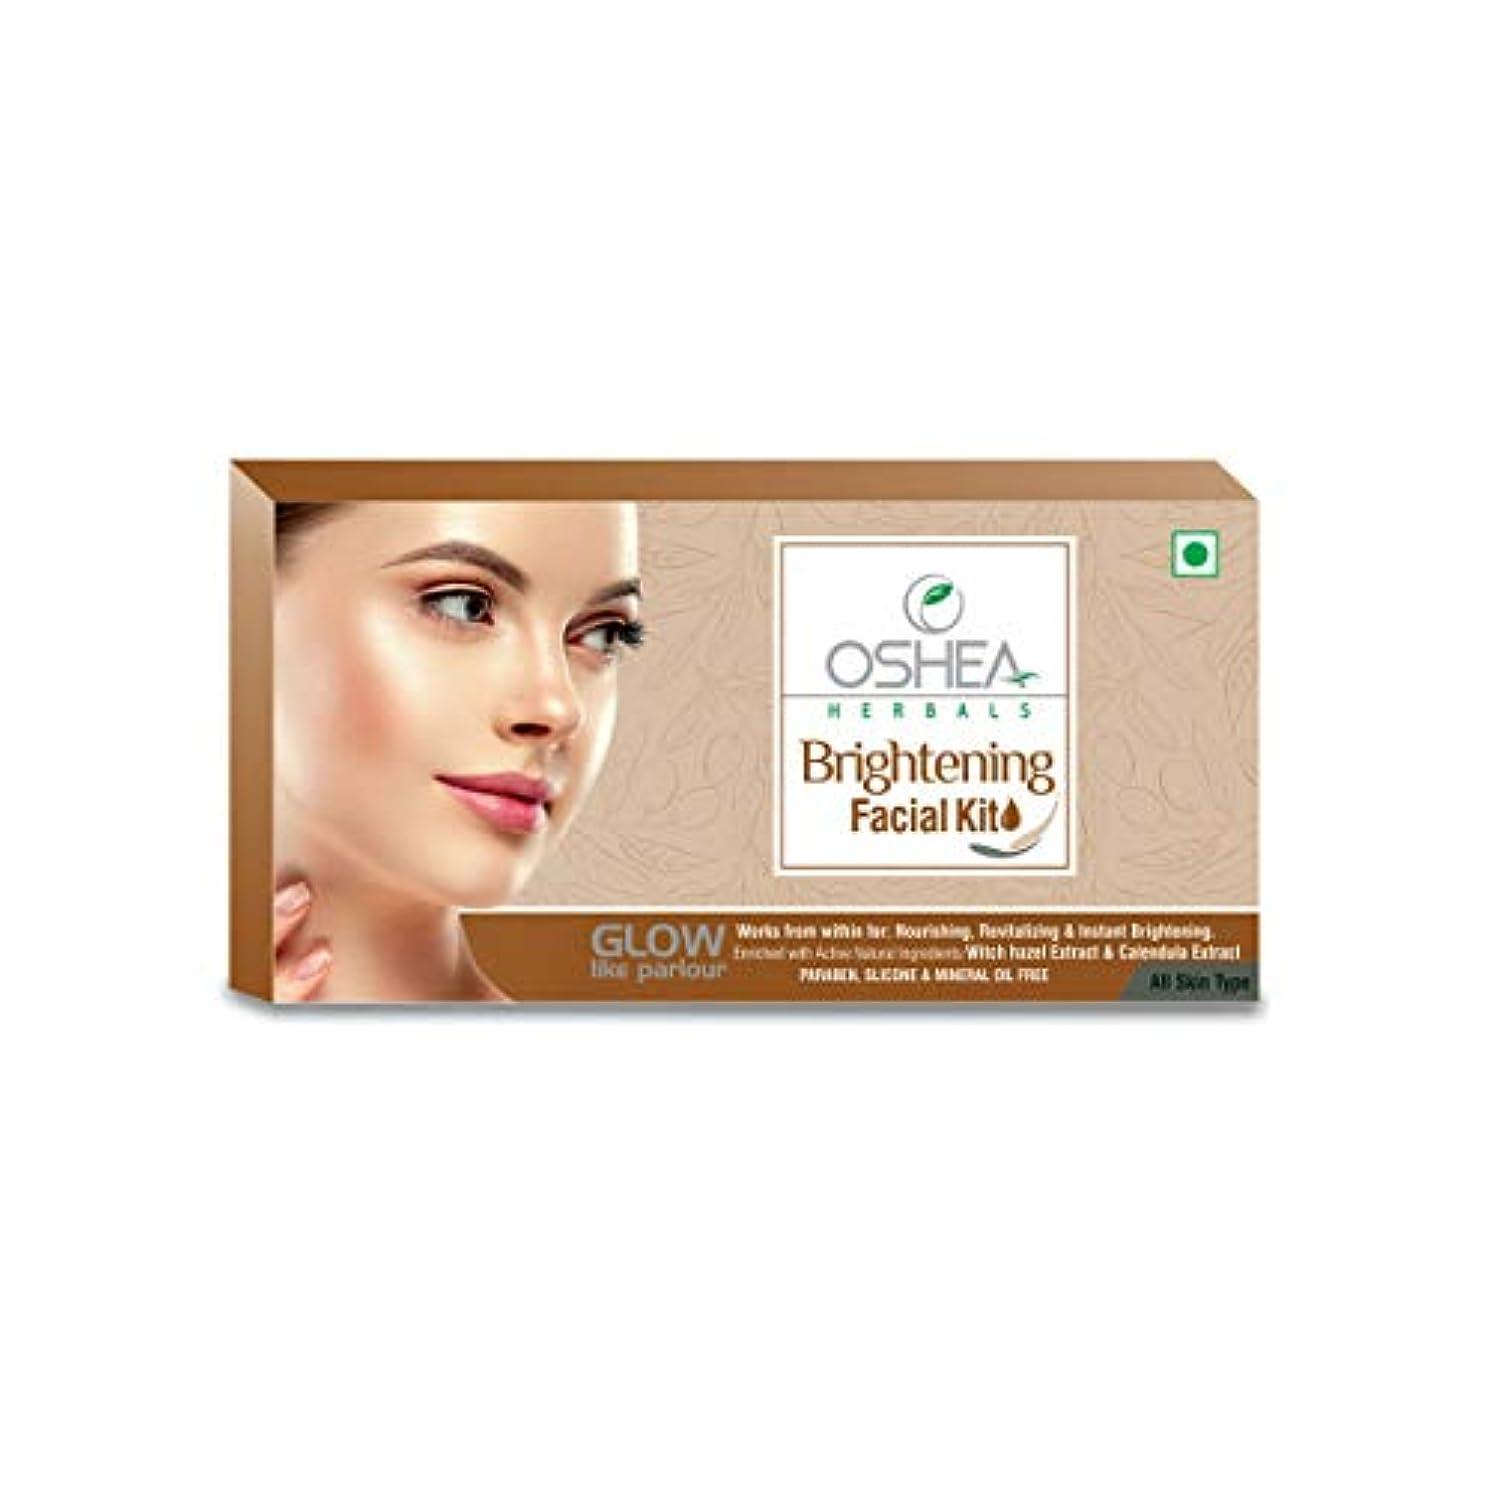 速い苦行機会Oshea Herbals Brightening Facial Kit 55g cleanses the skin Provides nourishment Oshea Herbals 明るくする フェイシャルキットが...